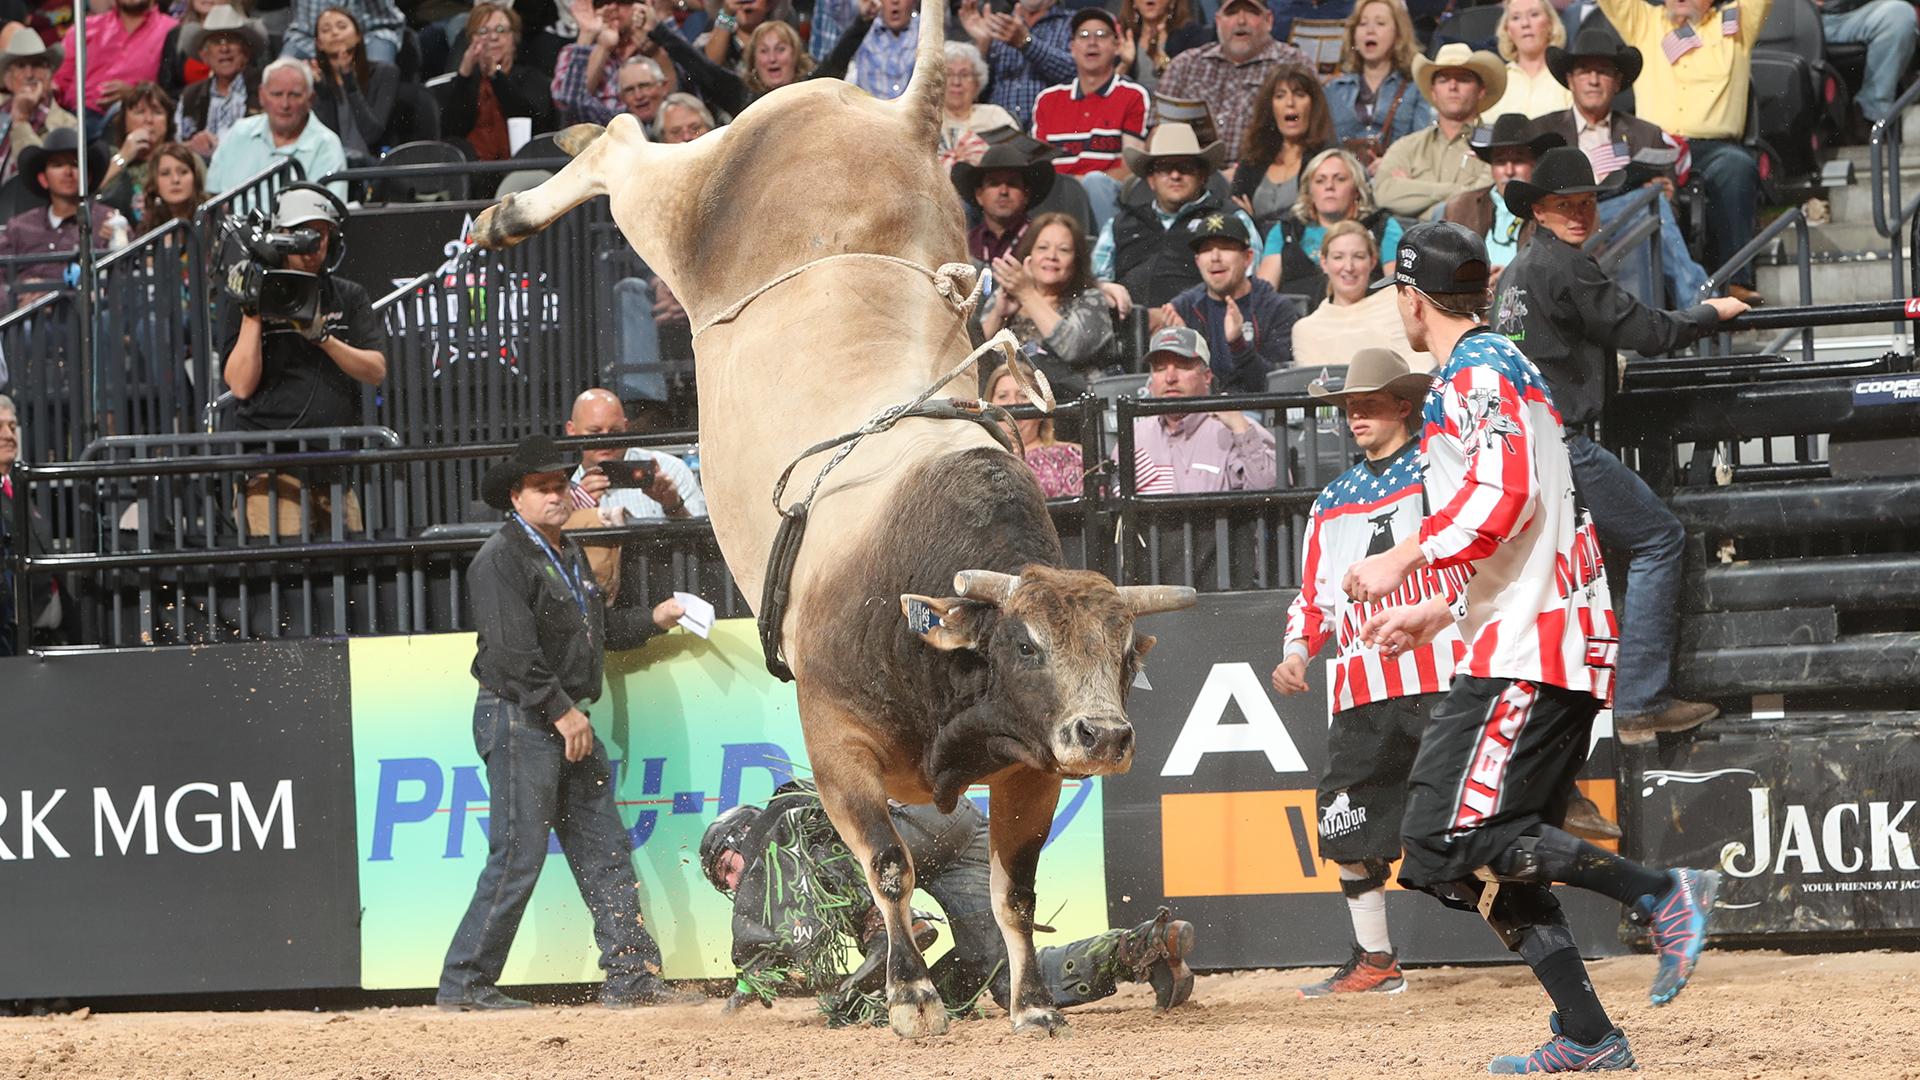 SweetPro's Bruiser to buck in Texas this weekend